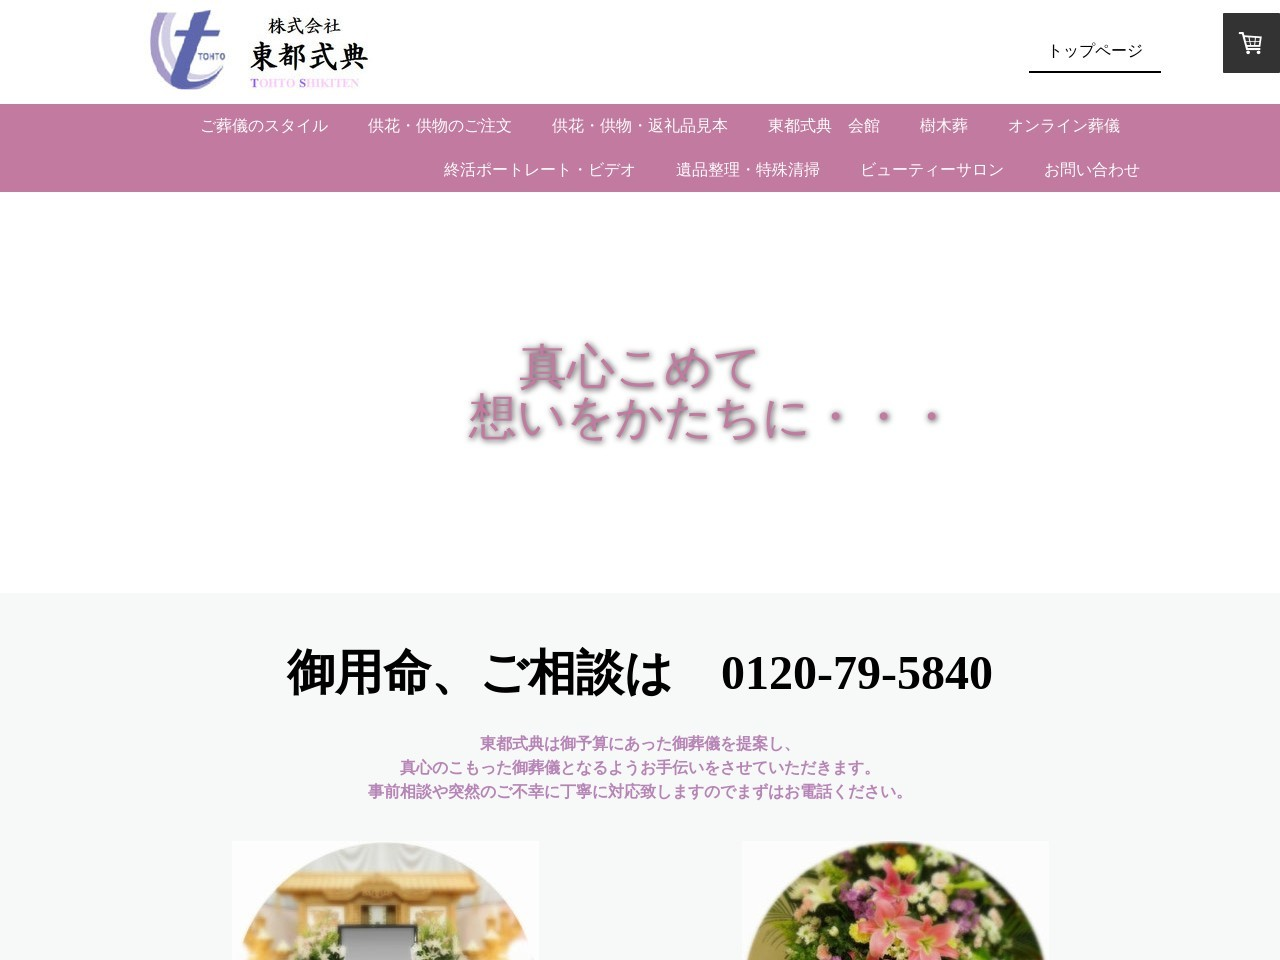 株式会社東都式典